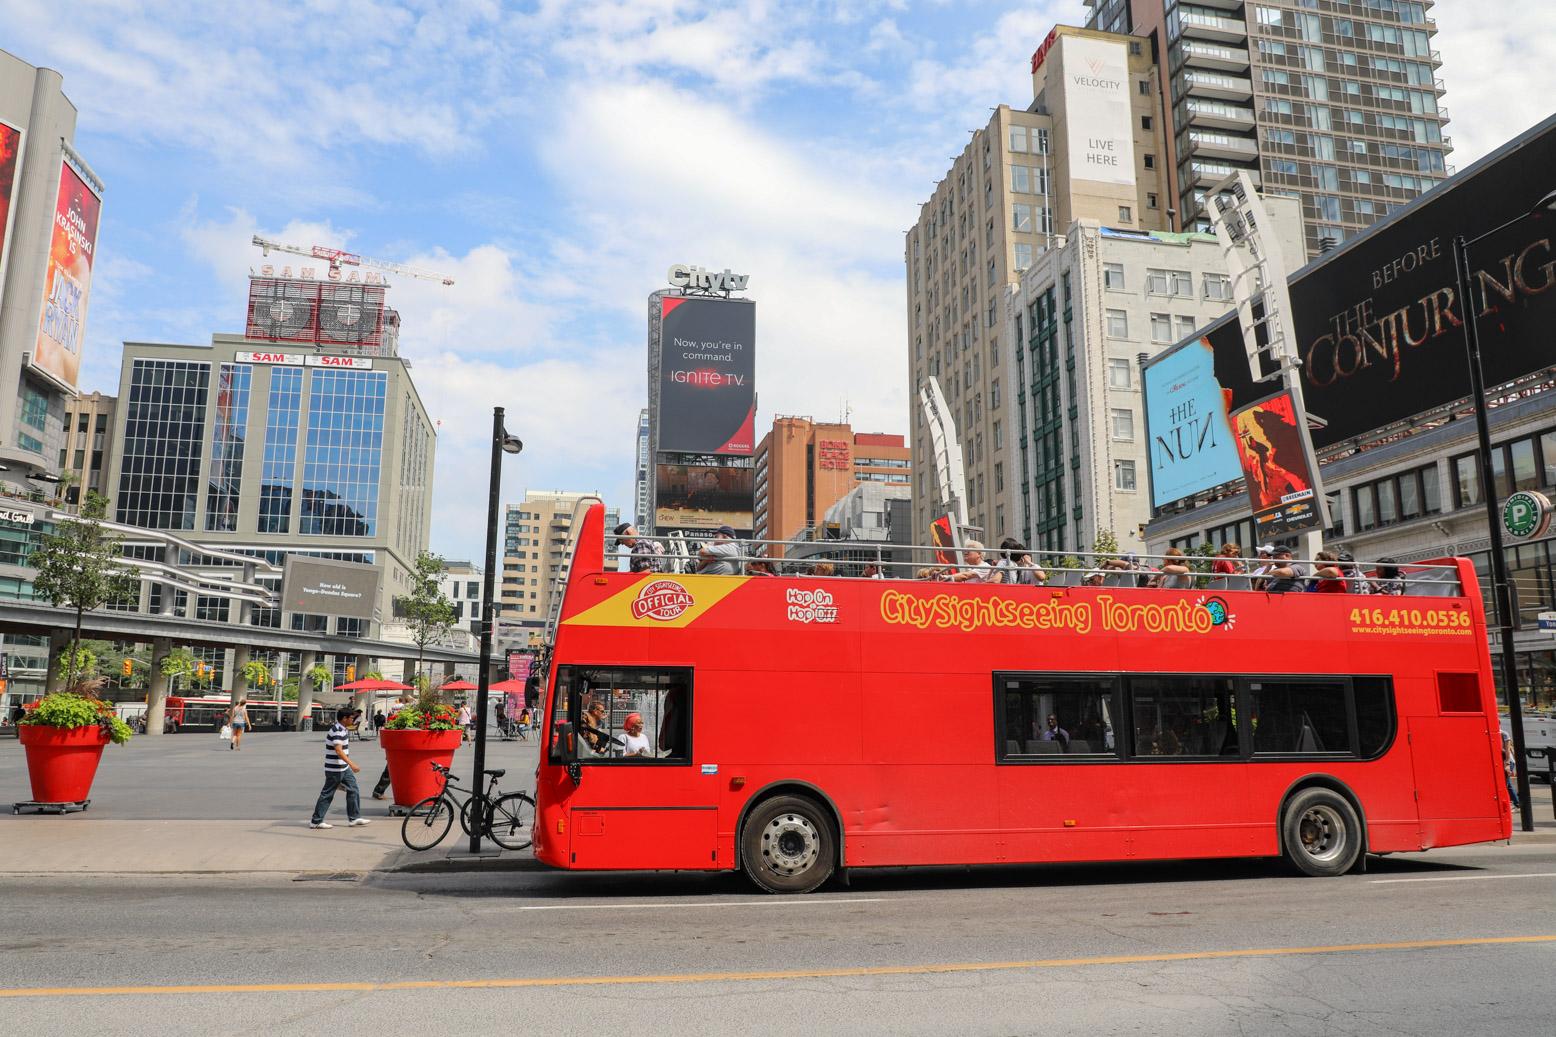 Met de hop-on-hop-off toeristenbus kun je Toronto op eenvoudige wijze bezoeken.